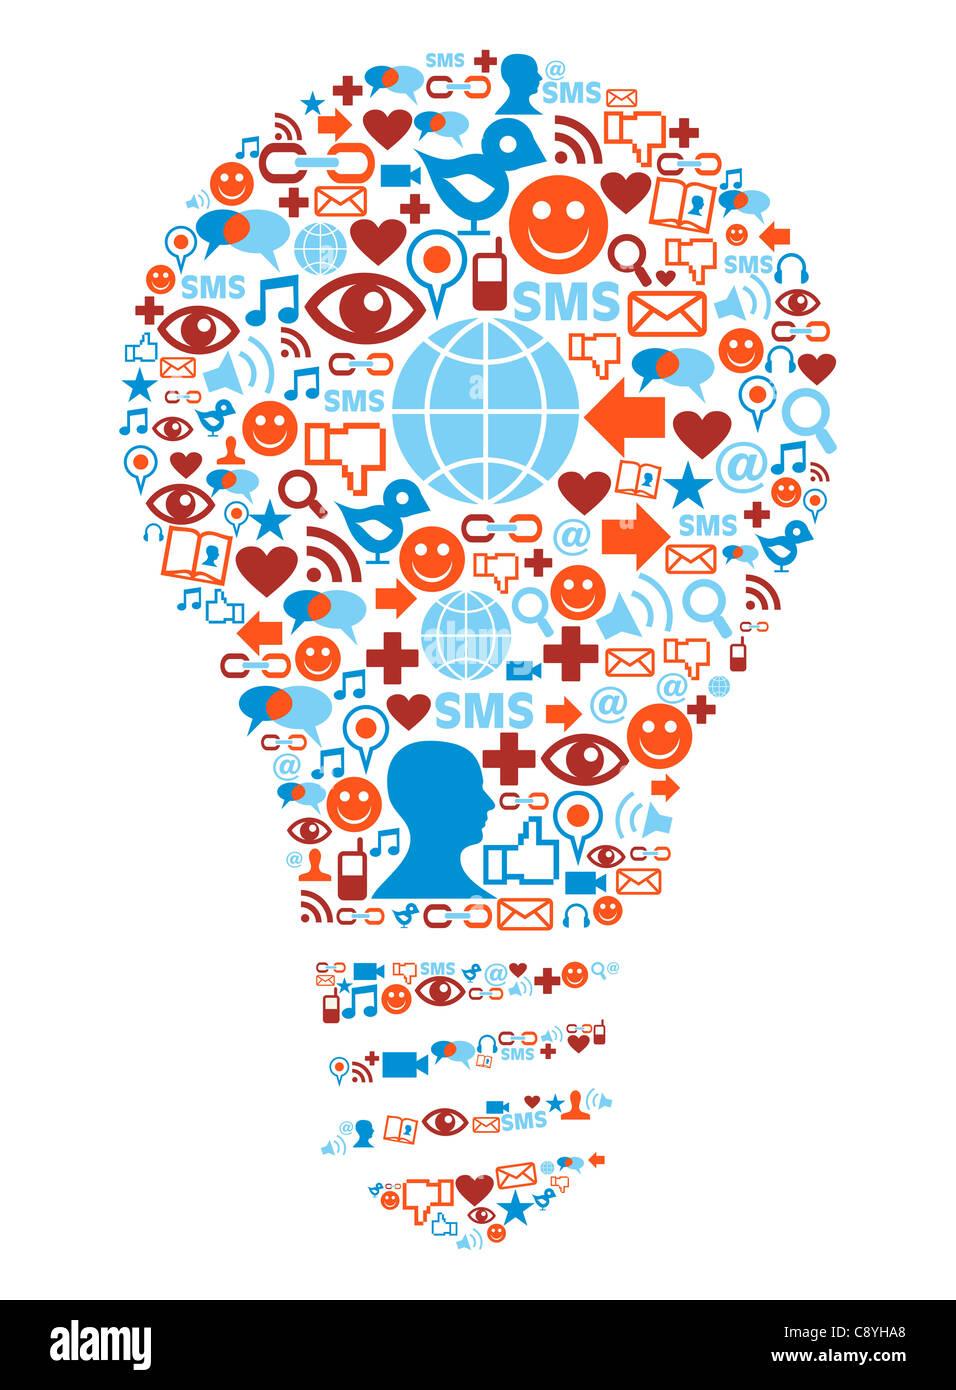 Iconos de medios sociales en forma de lámpara ilustración Imagen De Stock